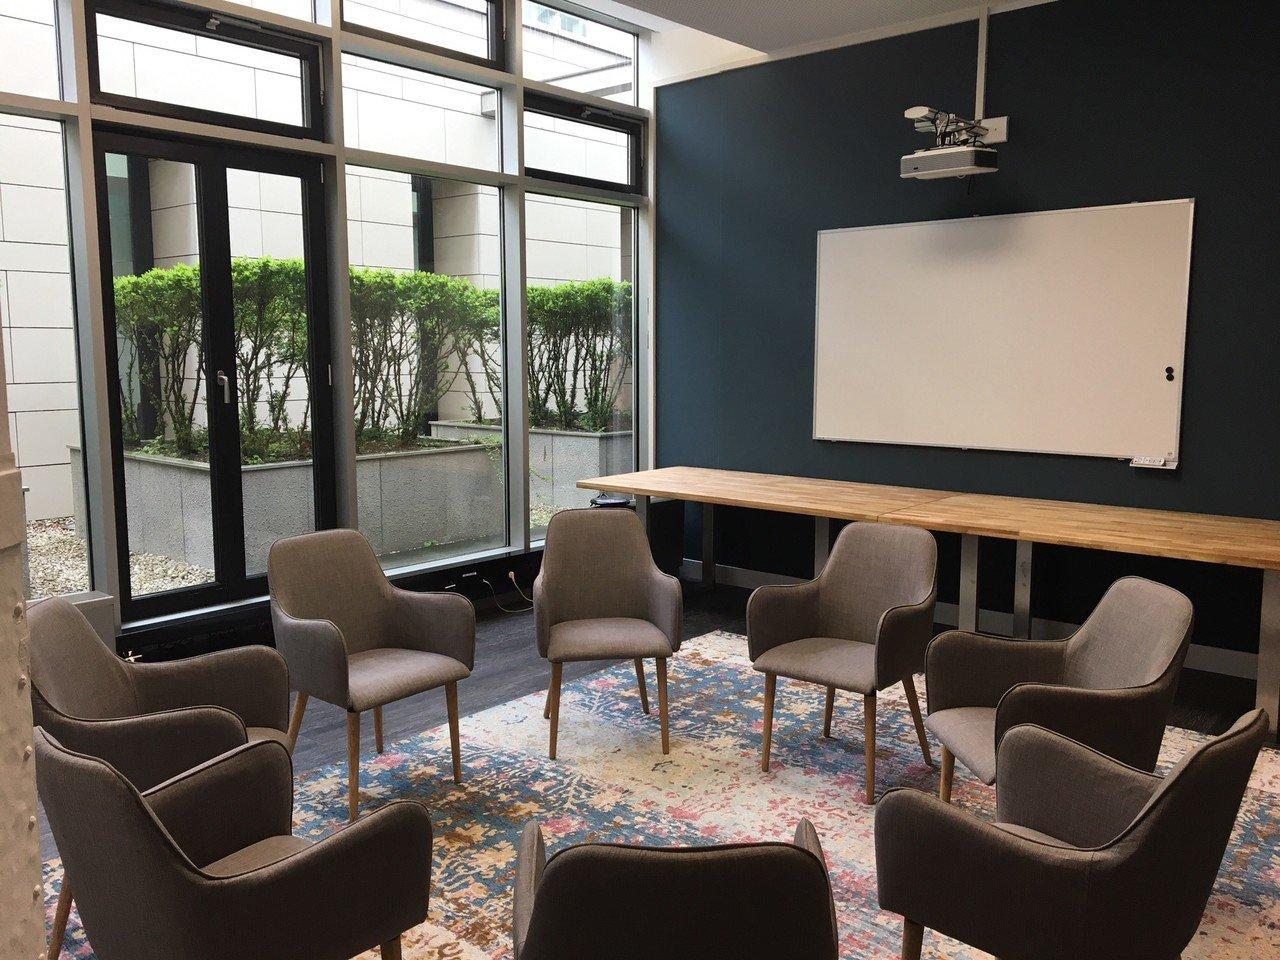 Berlin  Salle de réunion Sirius Minds image 0